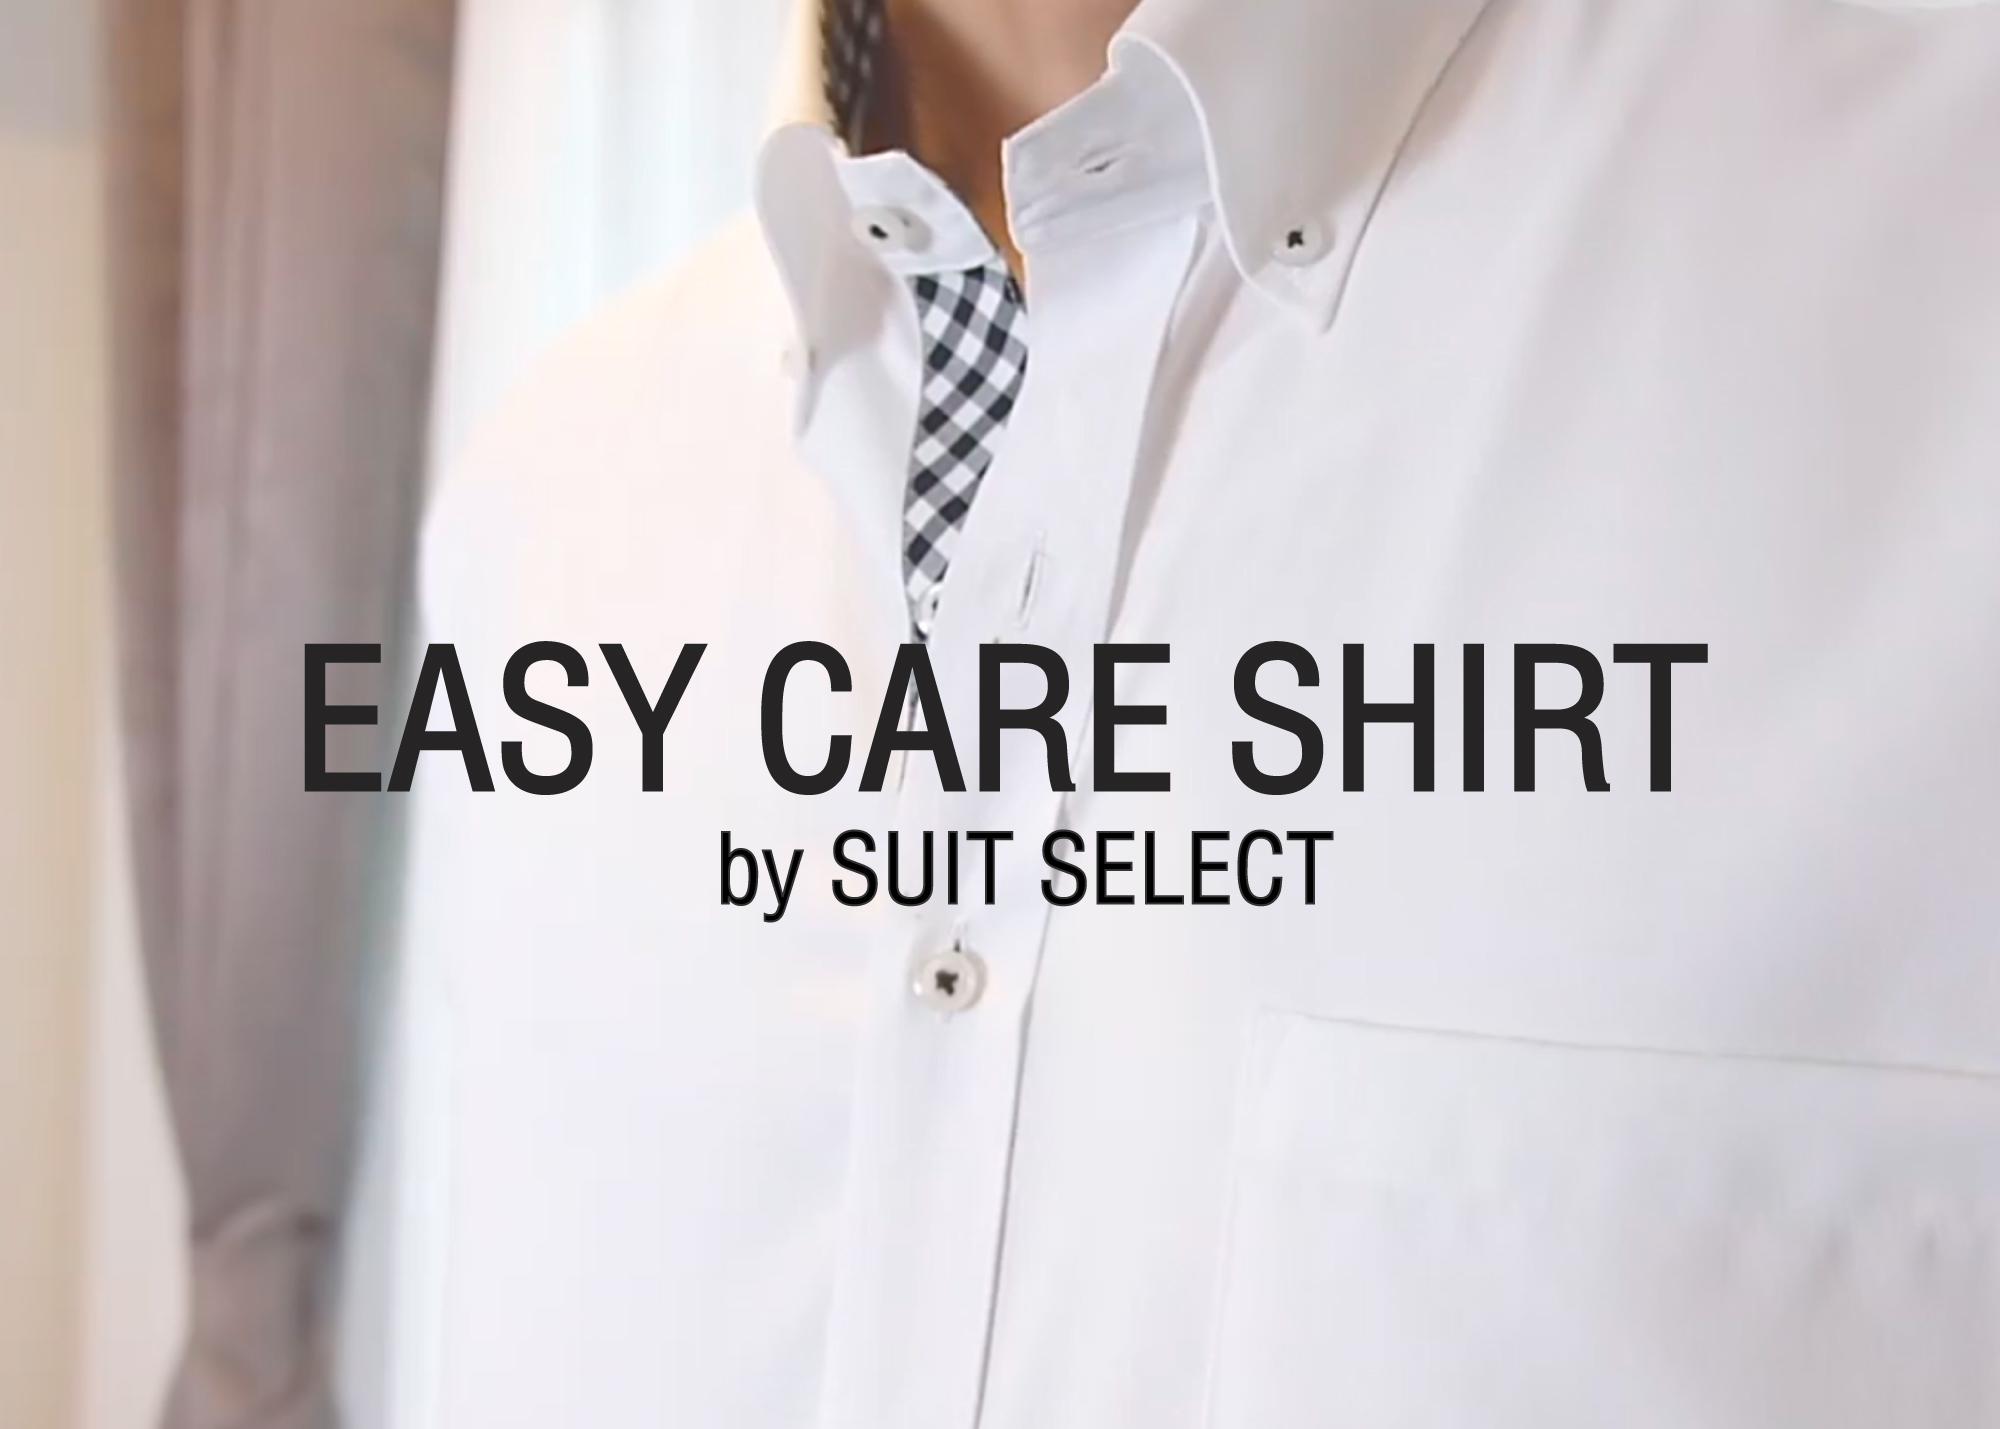 เสื้อเชิ้ต Easy Care ของ SUIT SELECT ดียังไง?